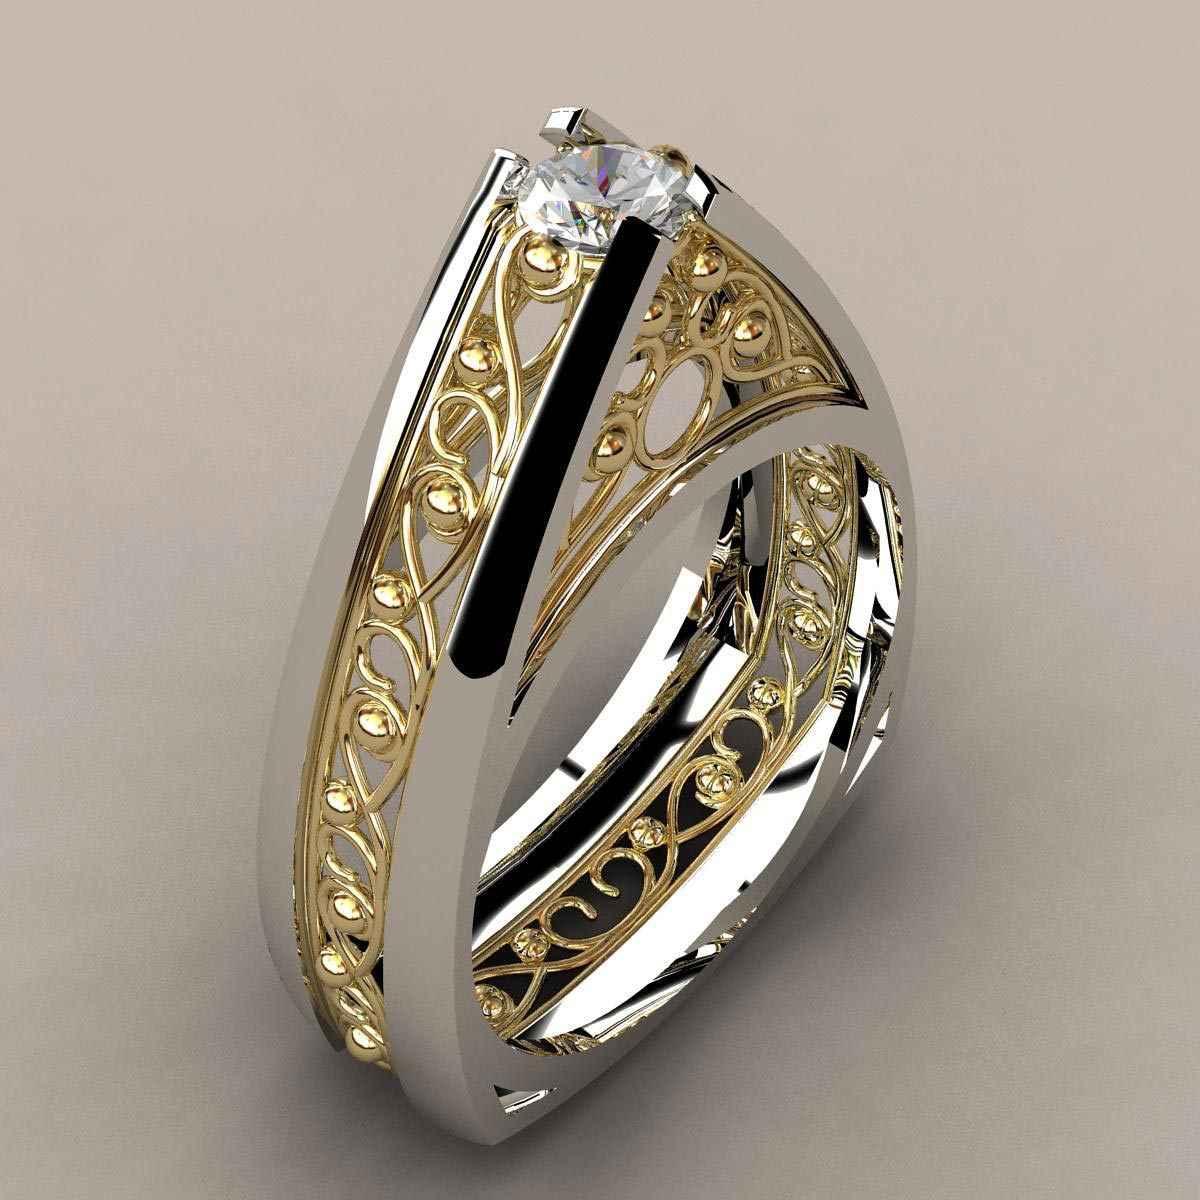 Anillo De diamante simulado De oro De 14k anillo De separación Anillos De Bizuterias Anillos De Rock hip-hop para mujeres y hombres joyería diamante De piedras preciosas